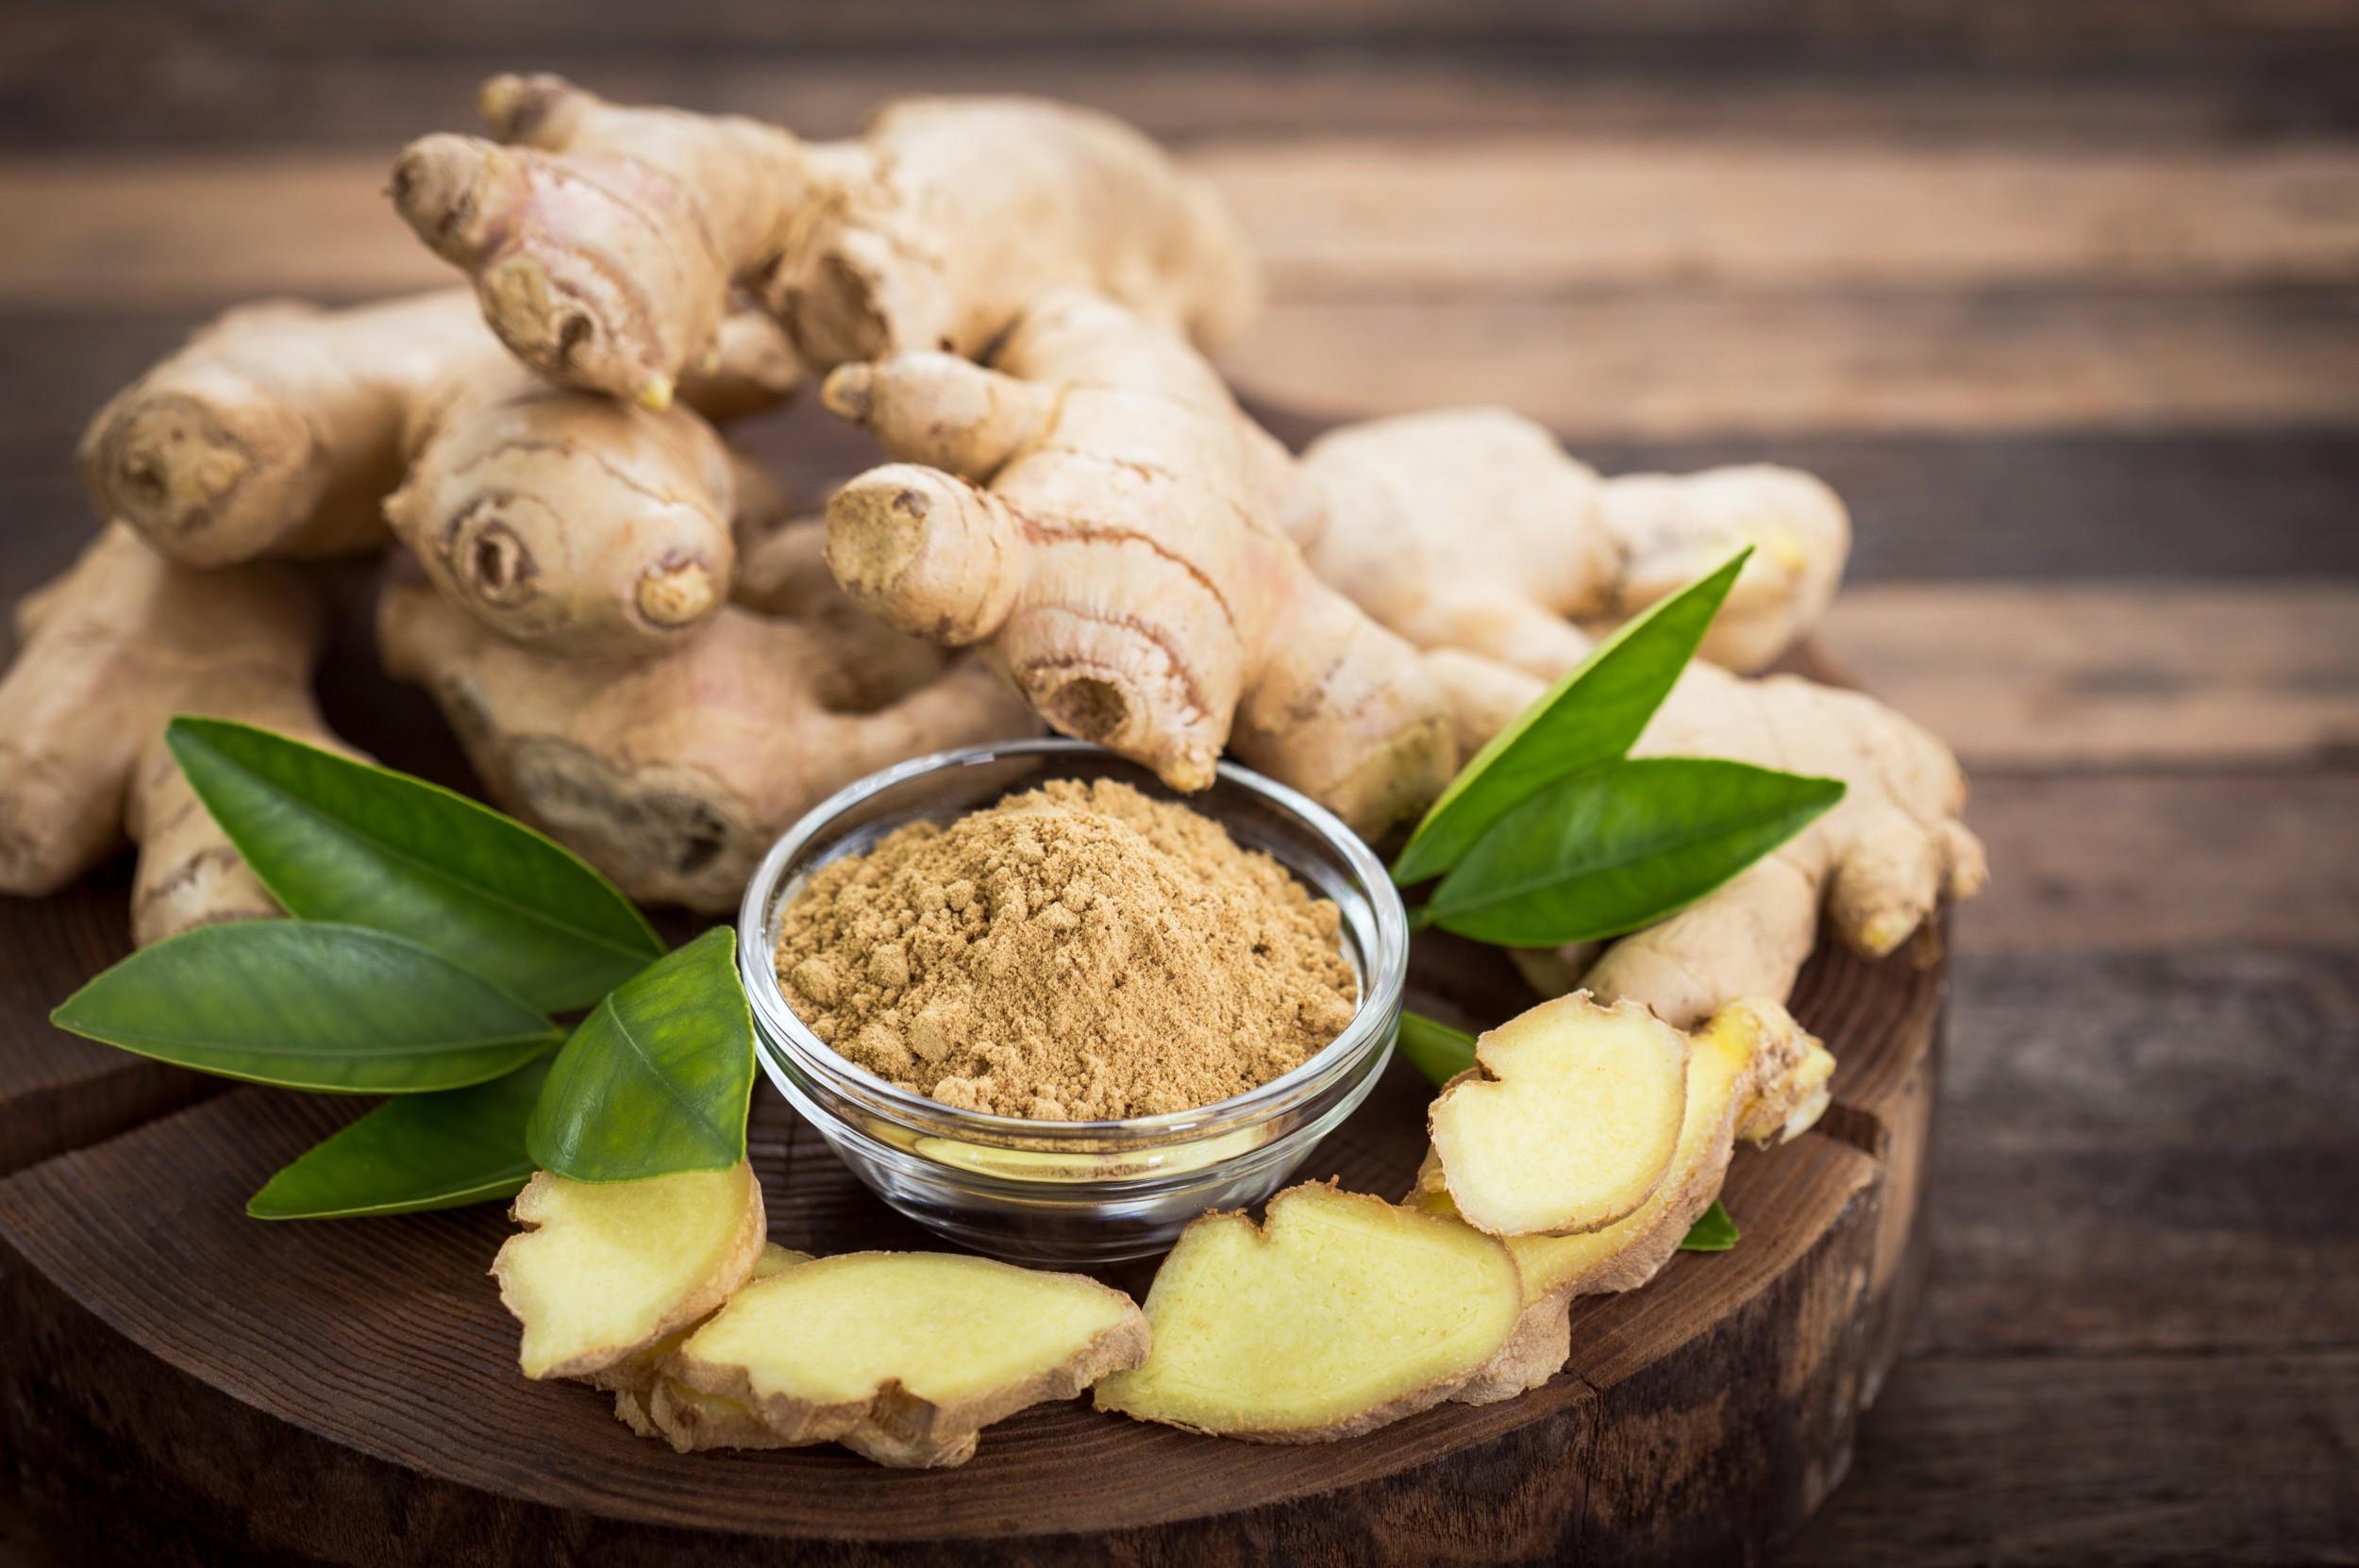 raízes especiais para comer - saúde